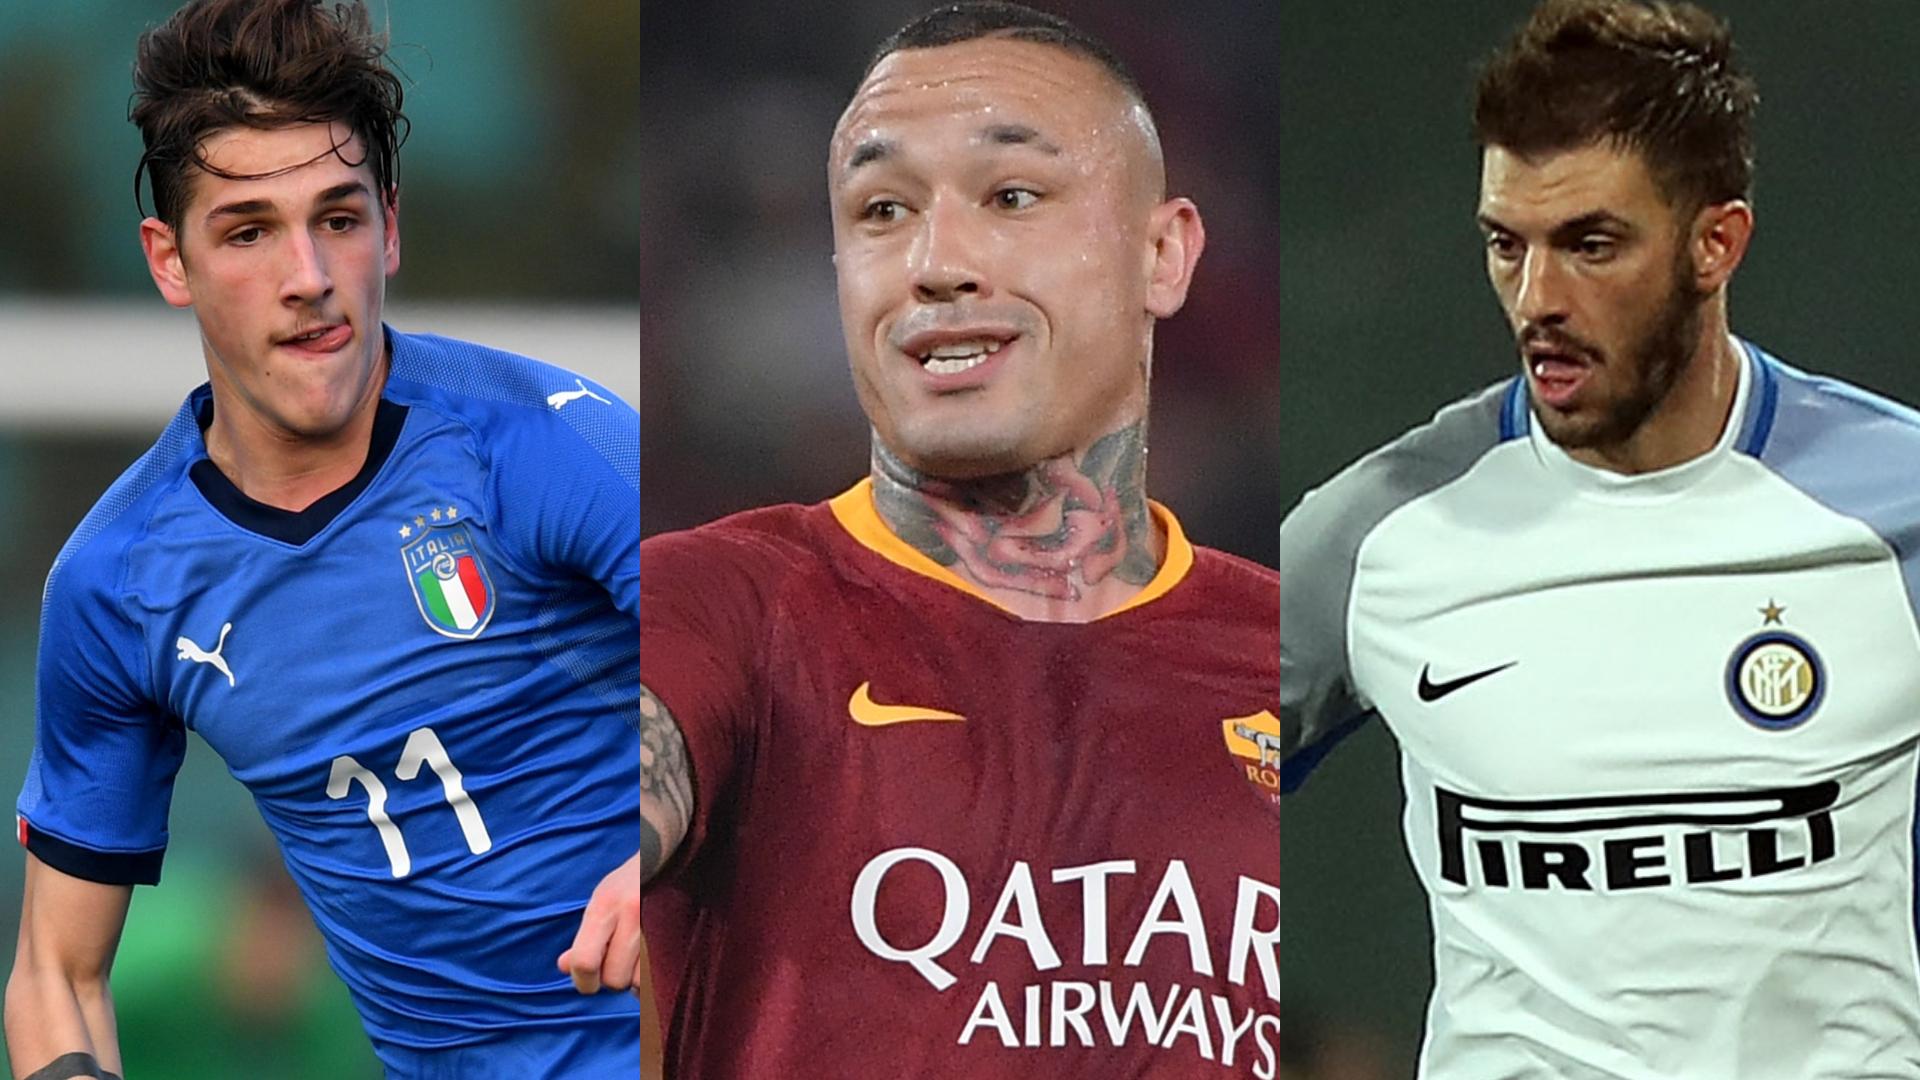 Calciomercato Inter: è fatta per Nainggolan, limati gli ultimi dettagli